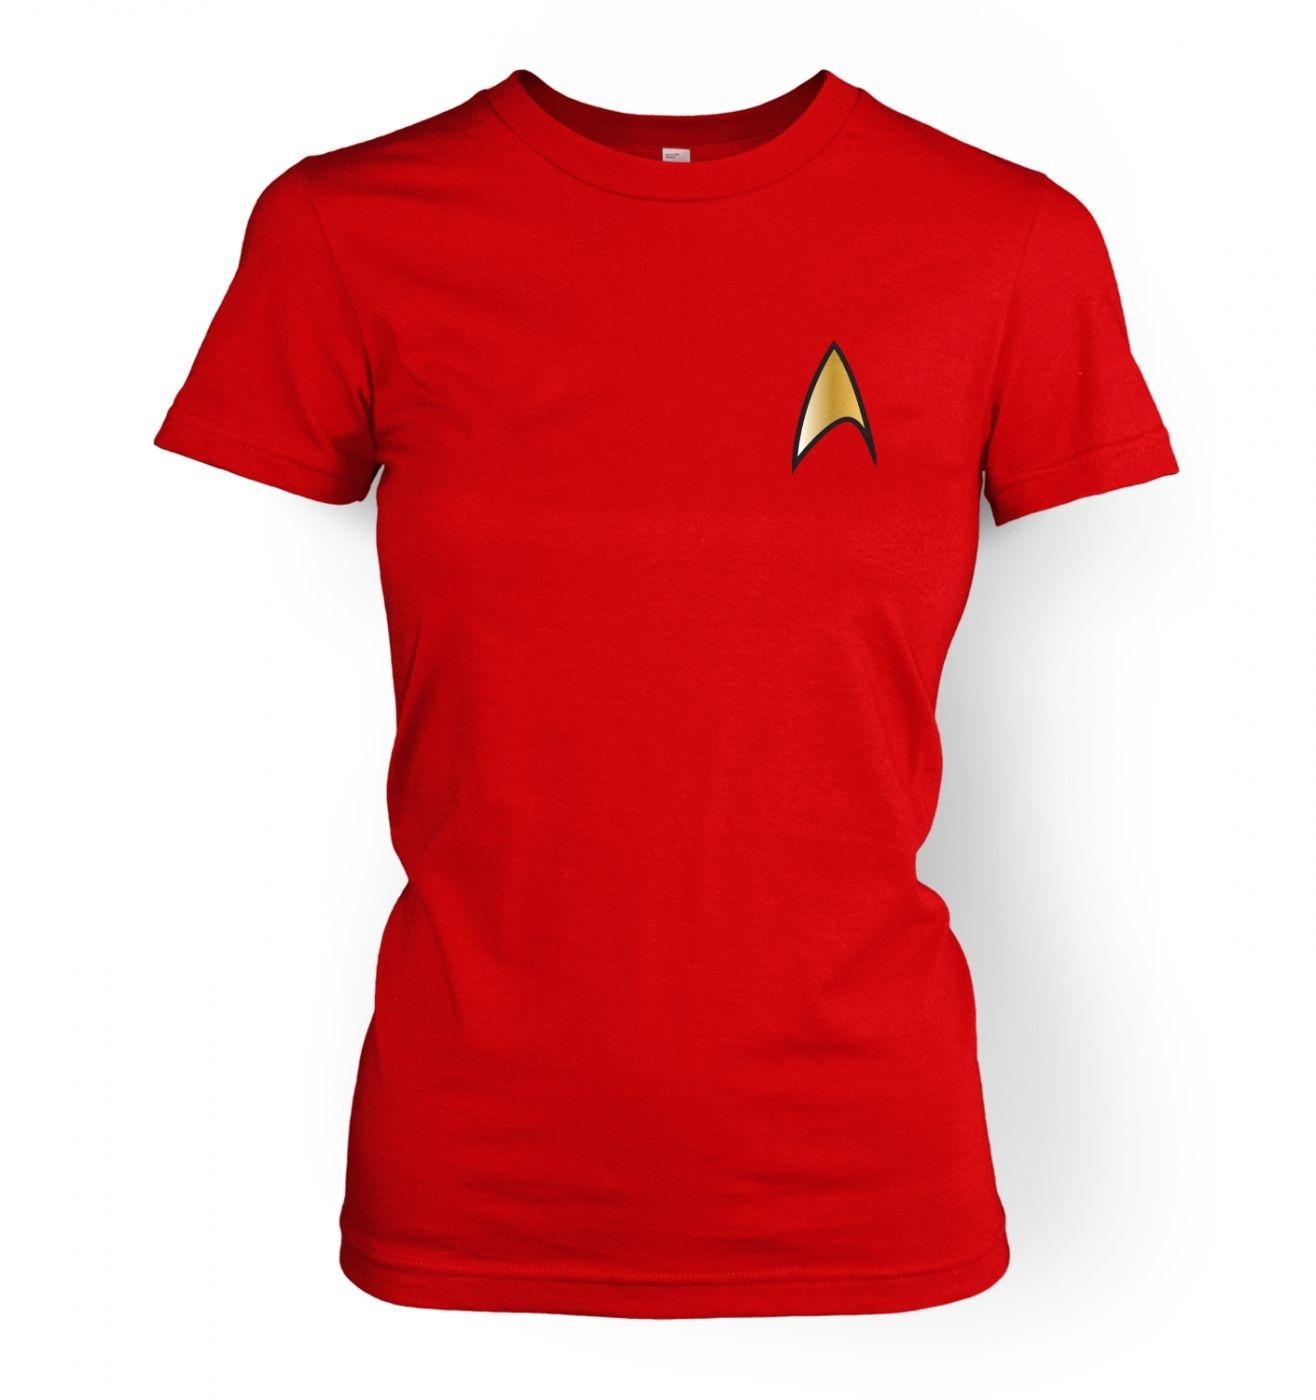 Gold Starfleet Badge women's fitted t-shirt